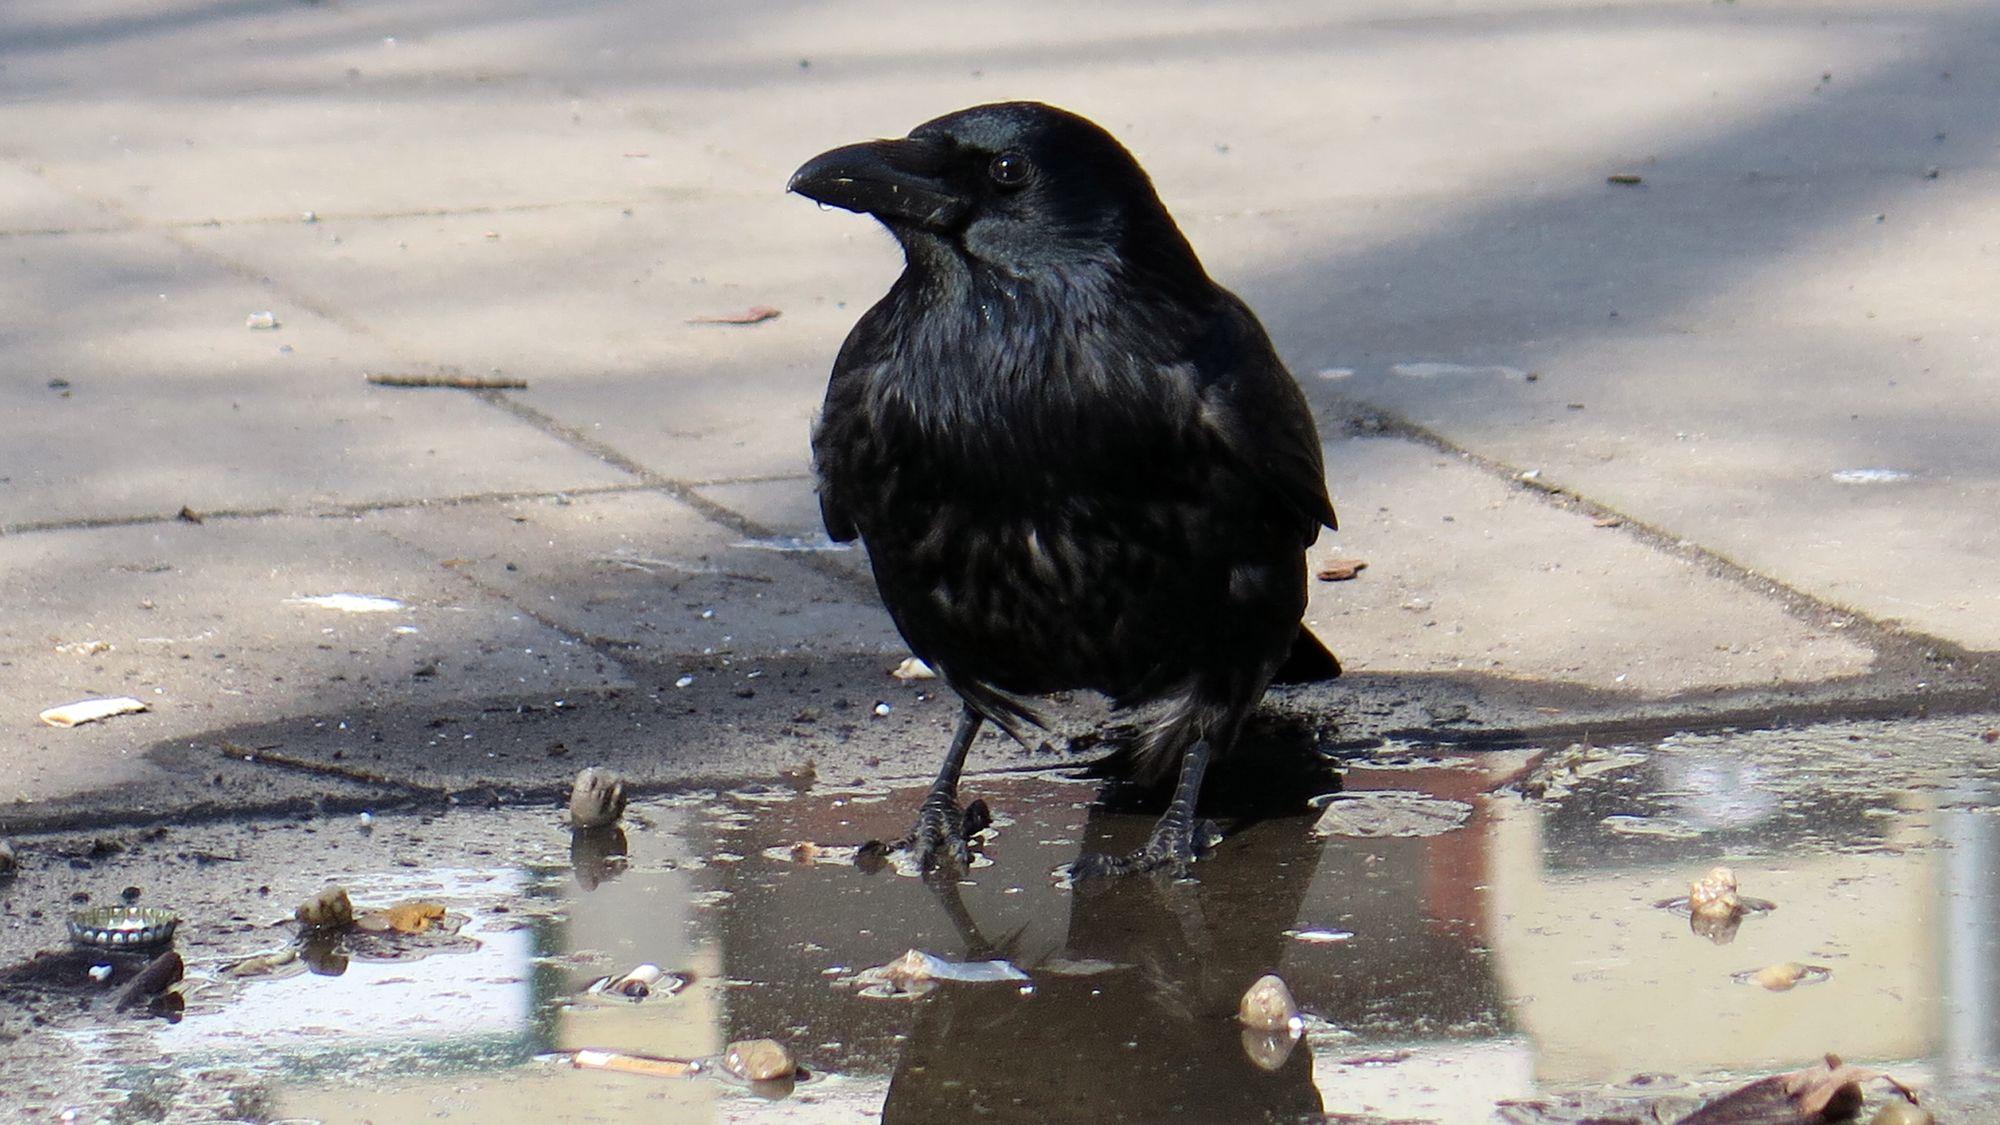 Ihr wäre der Umbau vermutlich egal. Eine Krähe erfrischt sich in der Pfütze vor der Scheune.